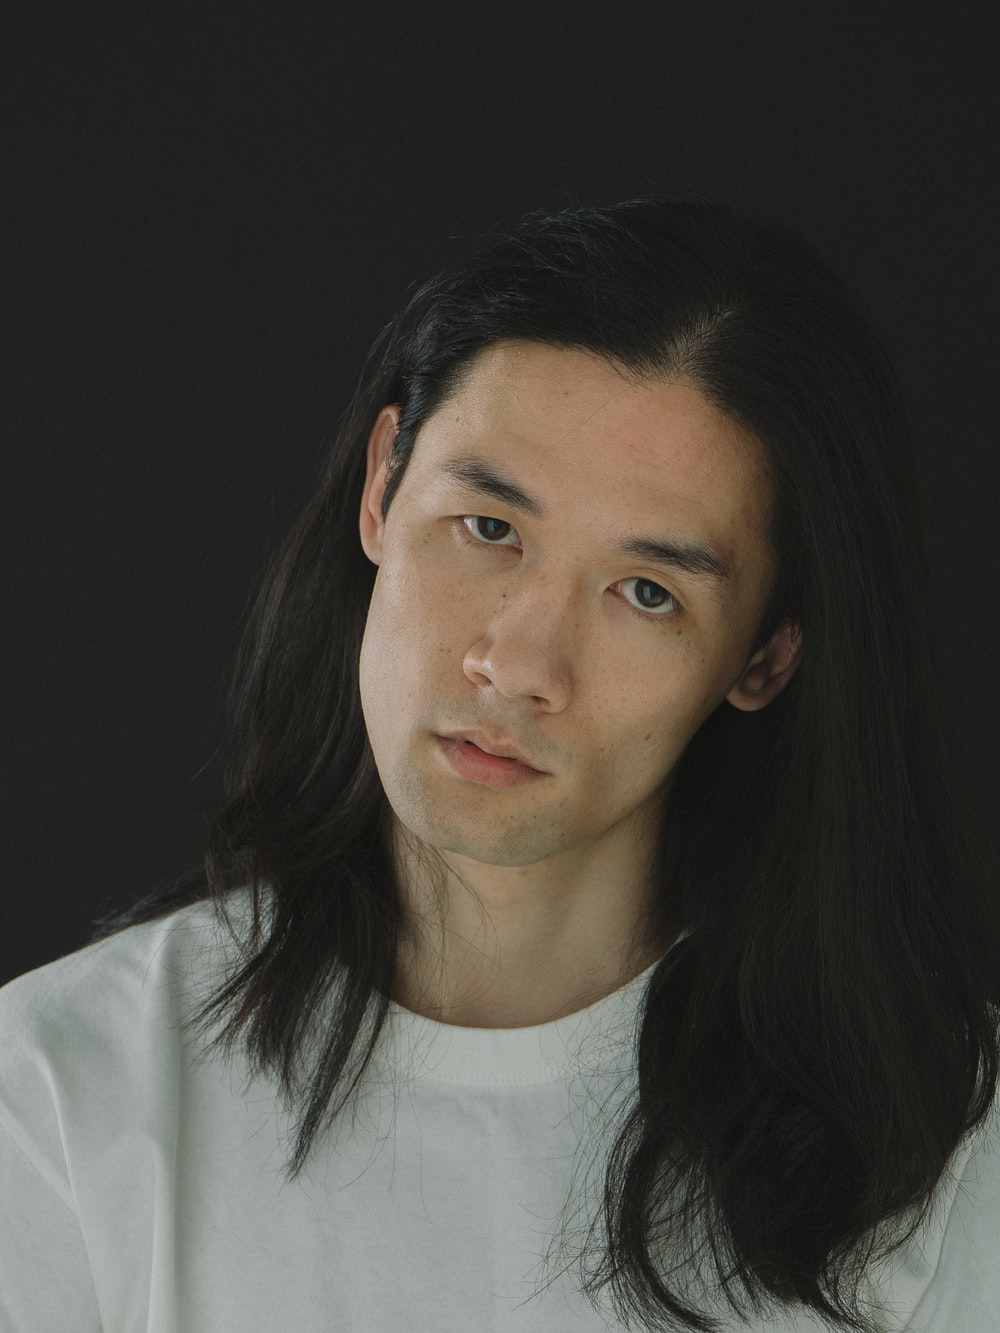 man wearing white crew-neck shirt